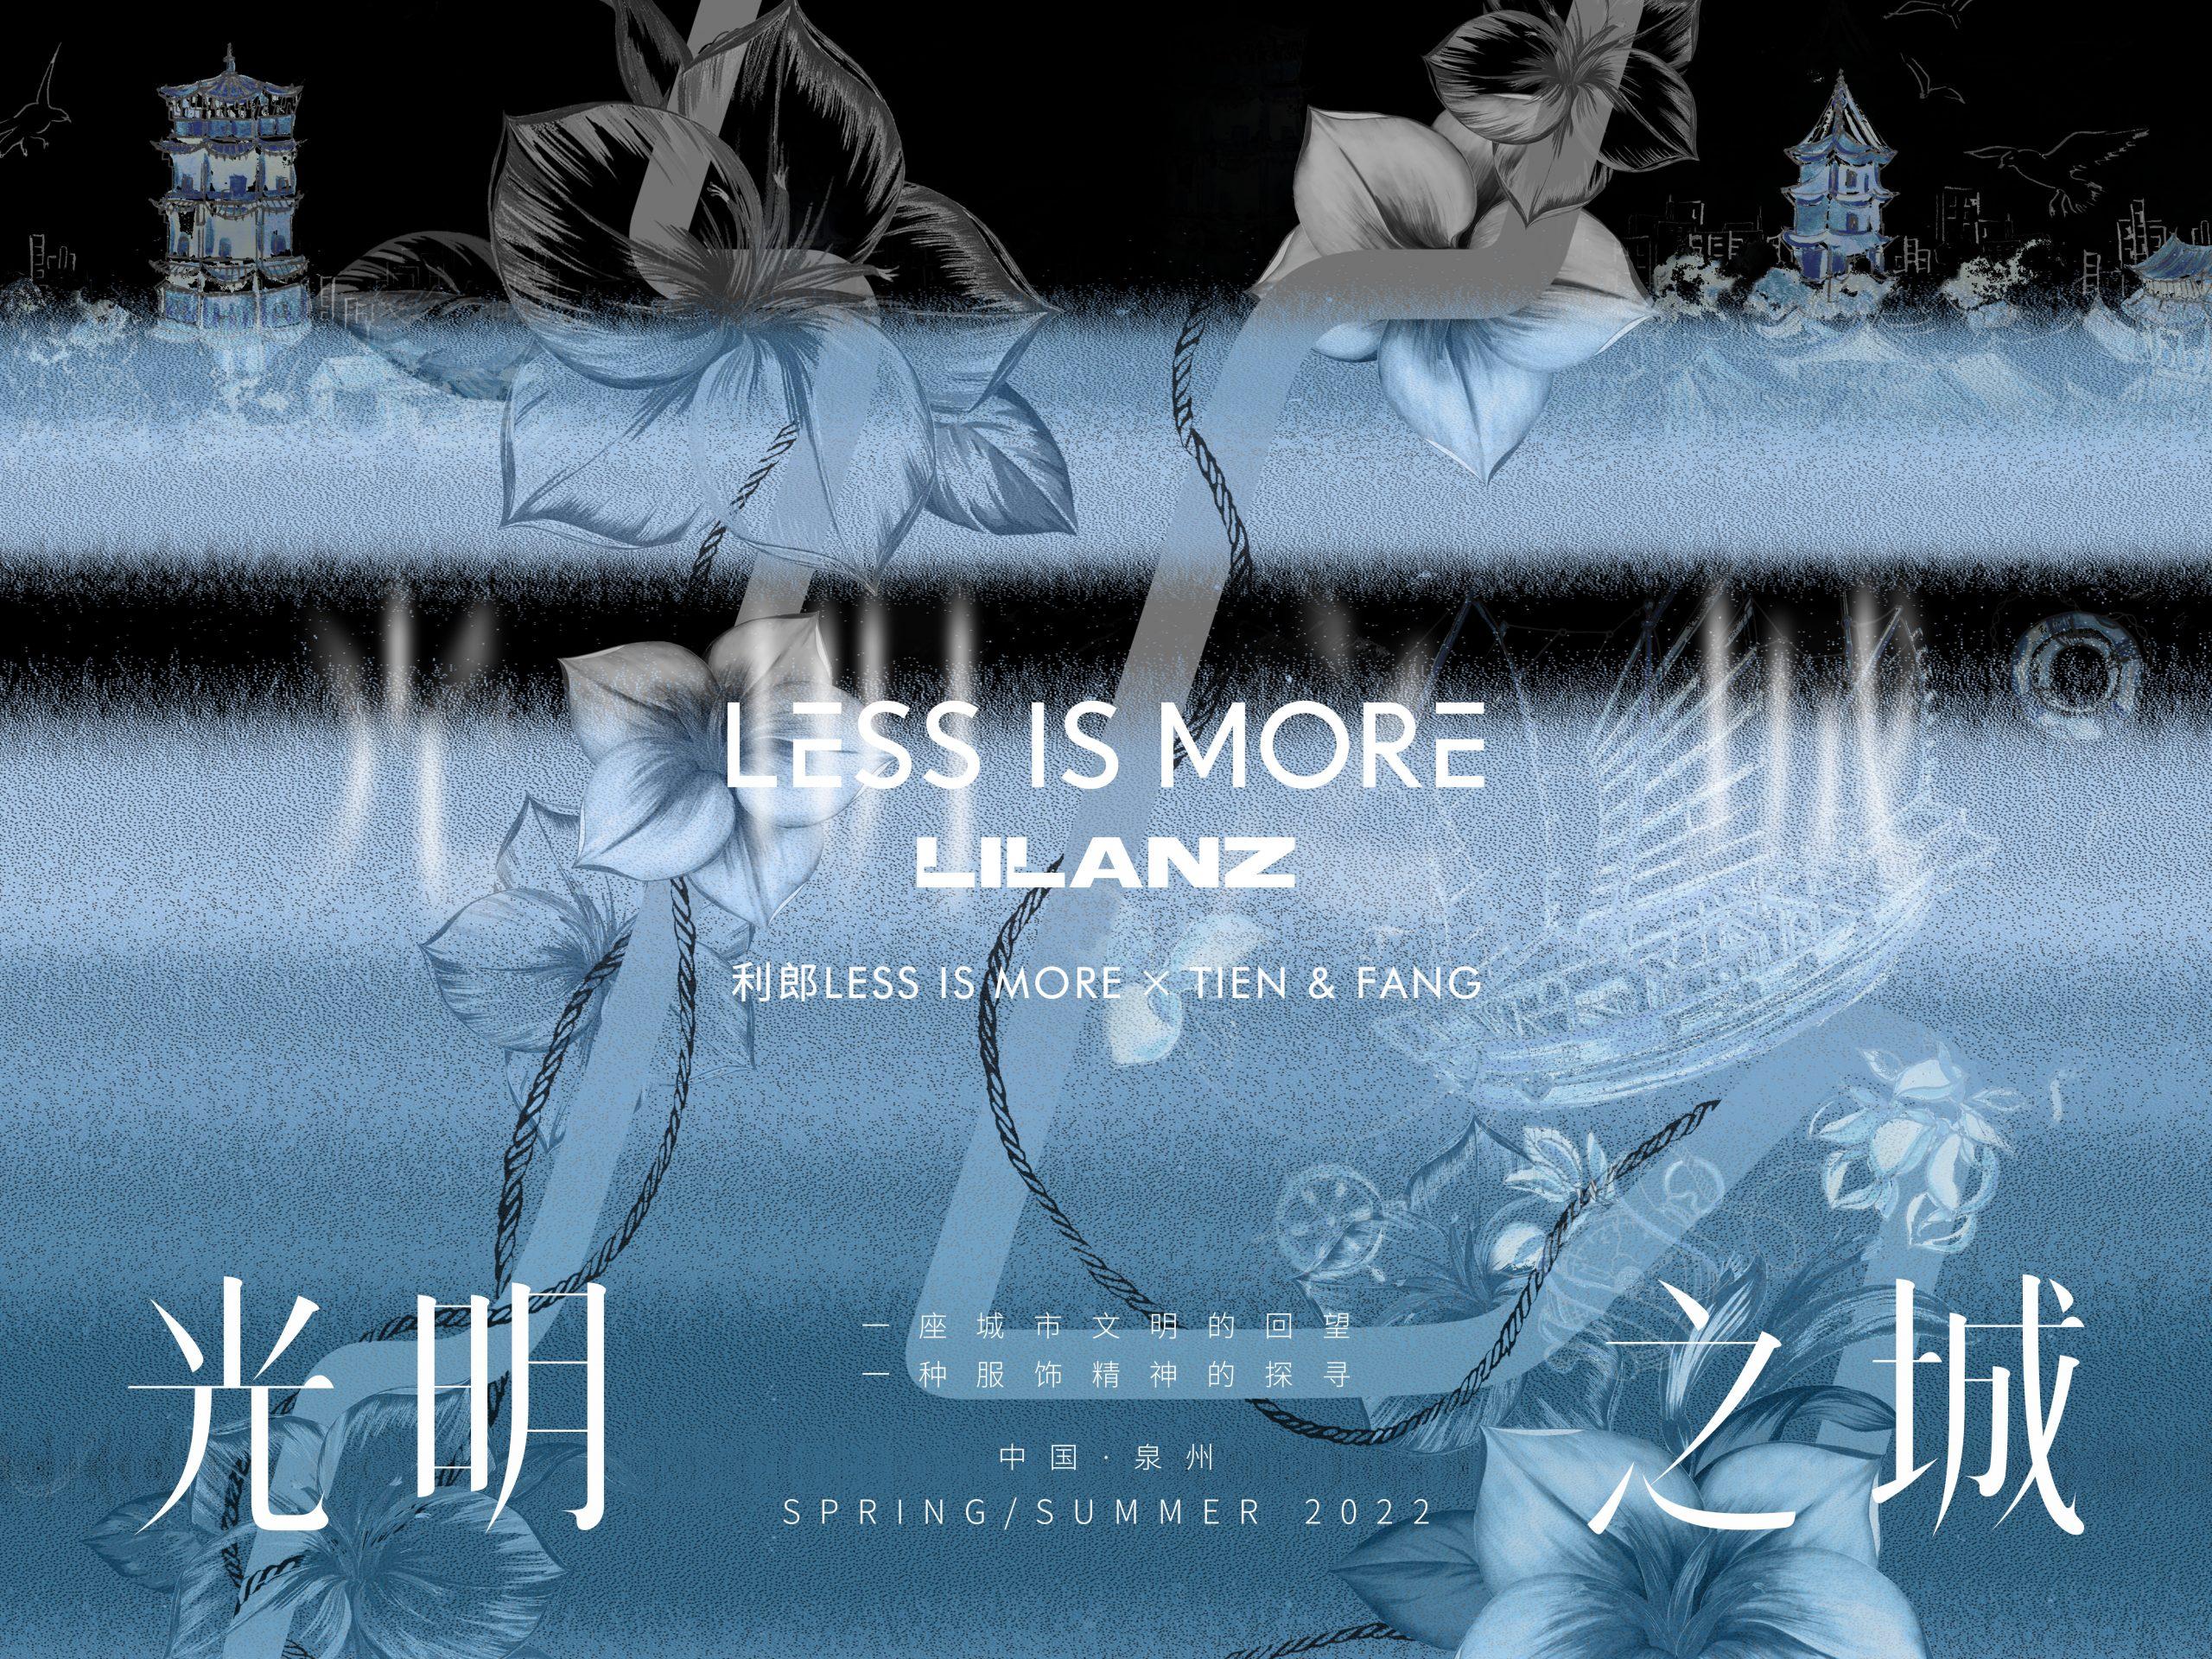 """上海时装周闭幕大秀:利郎 LESS IS MORE 系列将携手两位独立设计师诠释""""光明之城"""""""